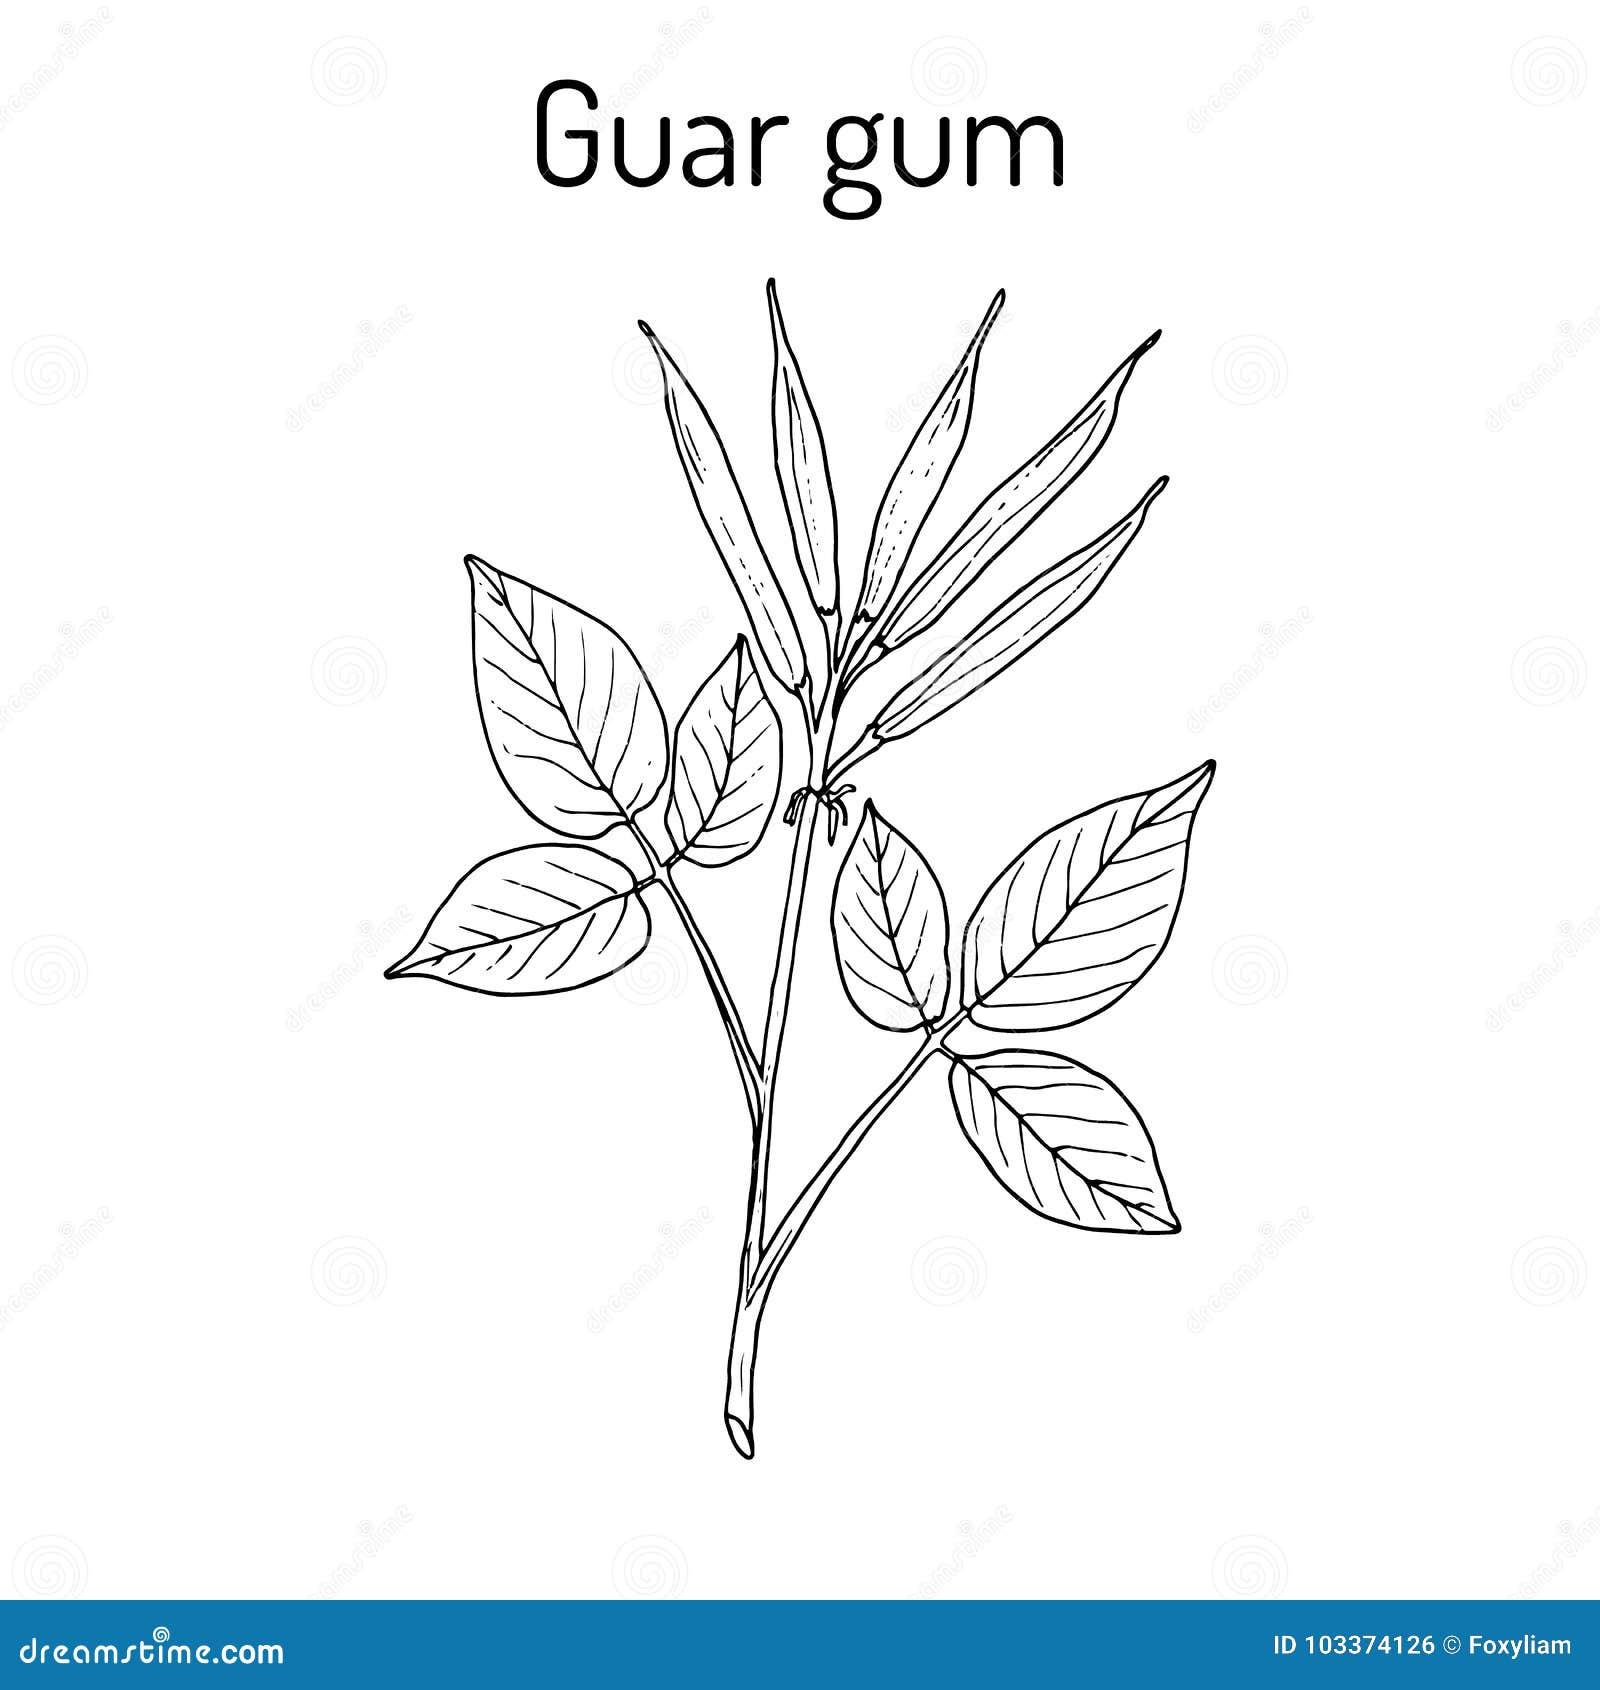 Guar dziąsła Cyamopsis tetragonoloba lub grono fasola, lecznicza roślina